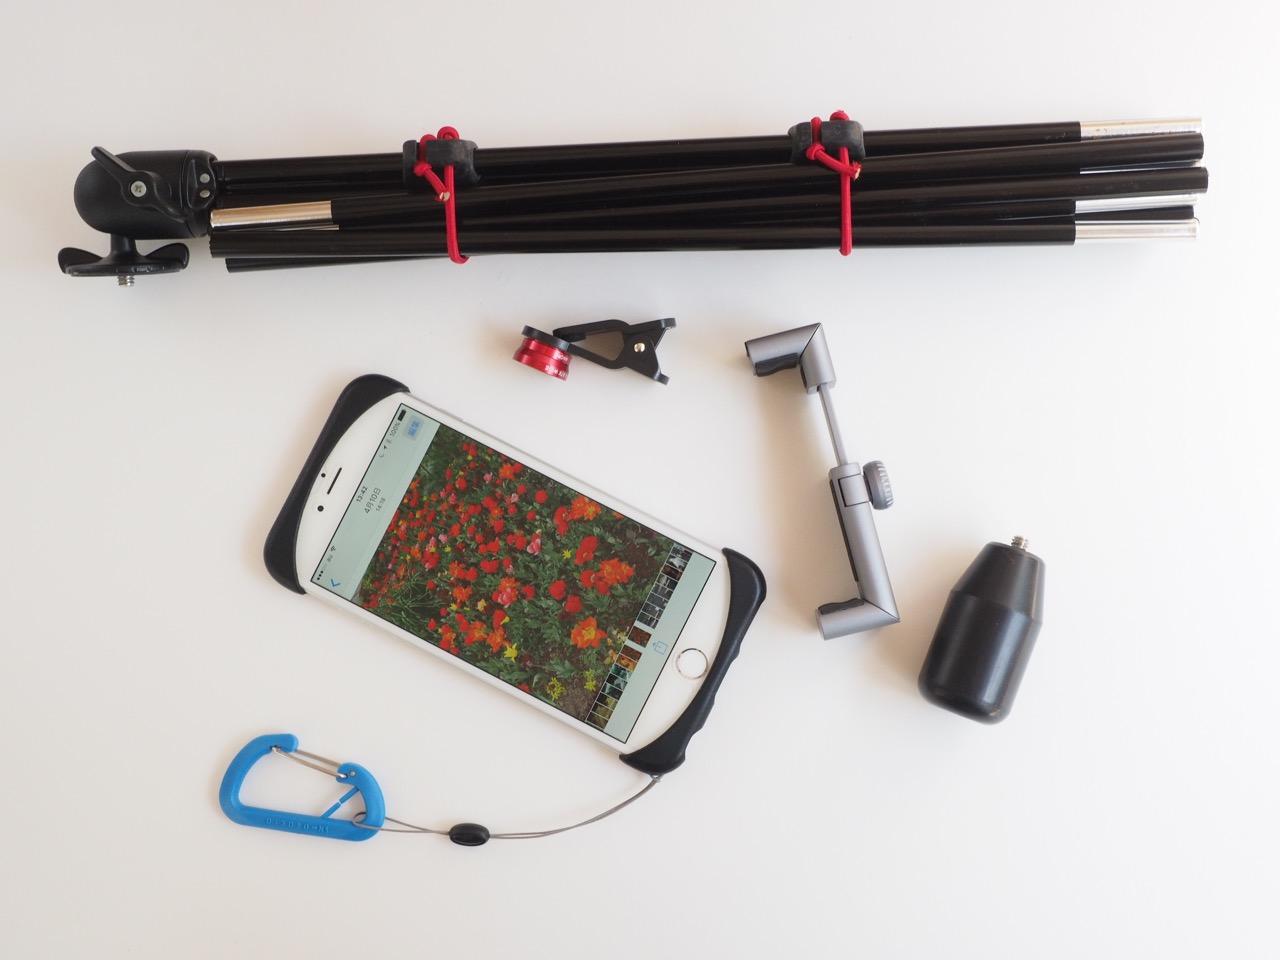 スマートフォンを撮りやすくするホルダー